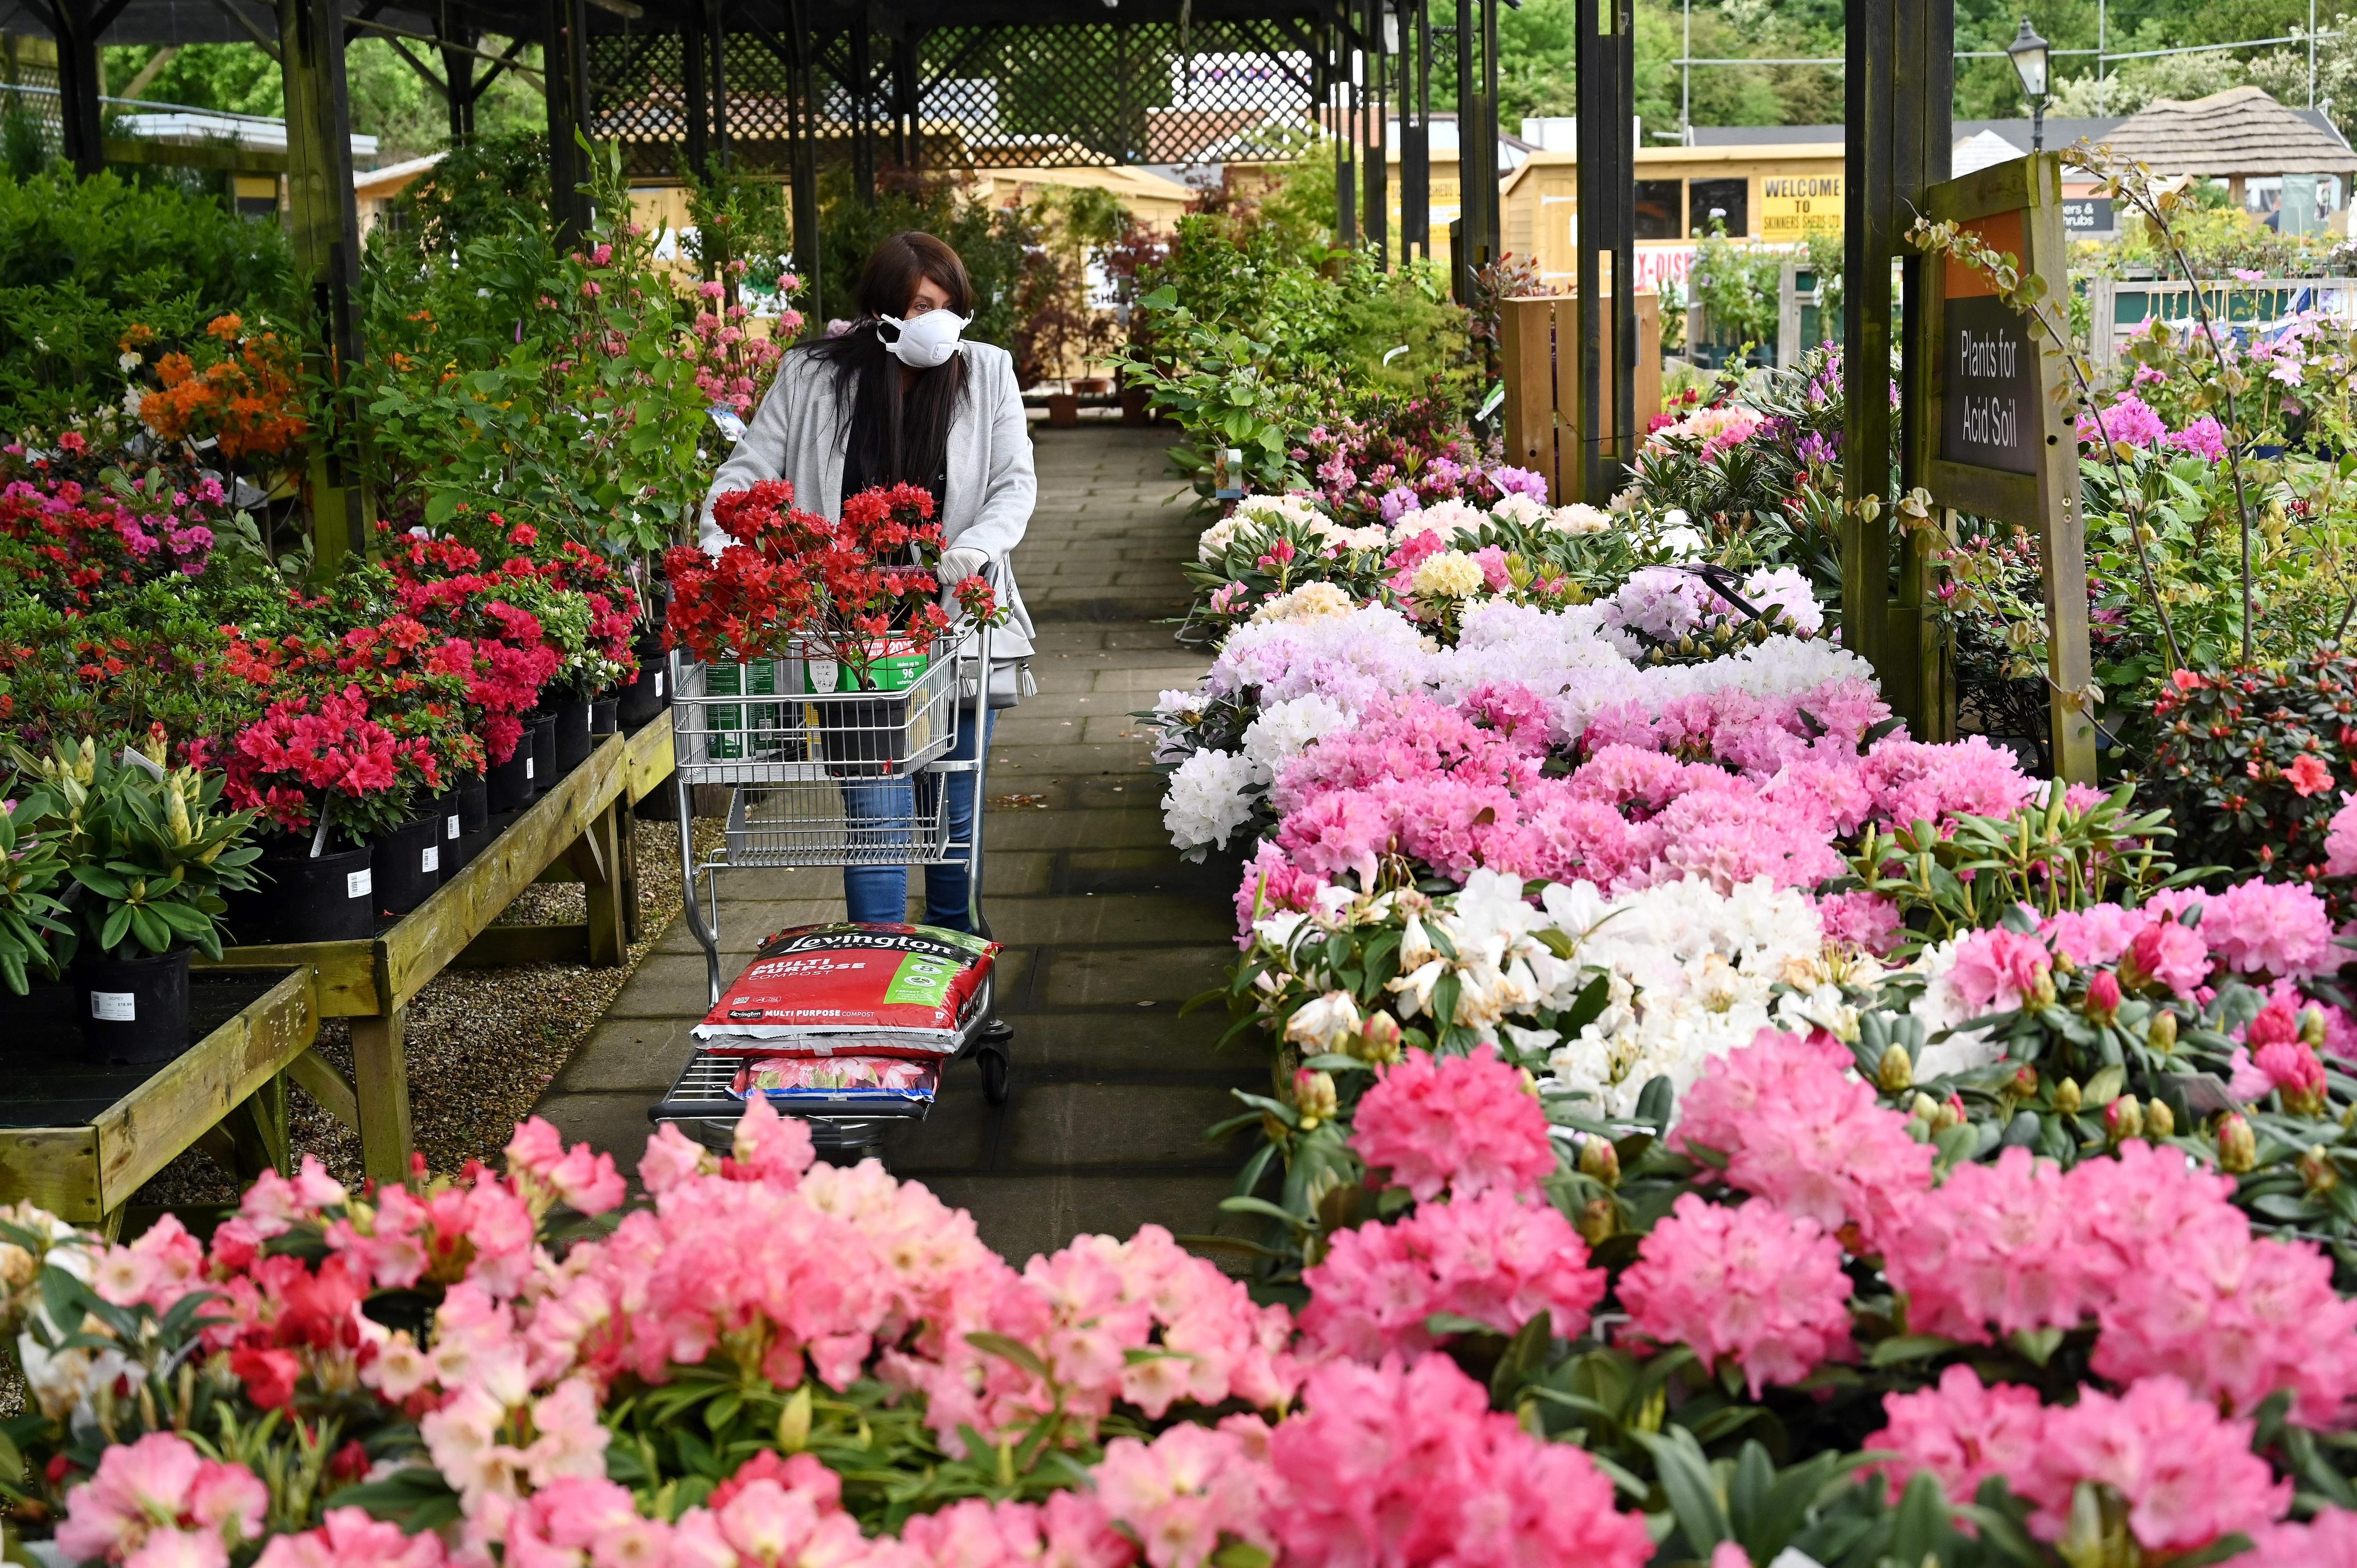 Piante Che Fioriscono Tutta Estate i fiori e le piante di giugno. foto